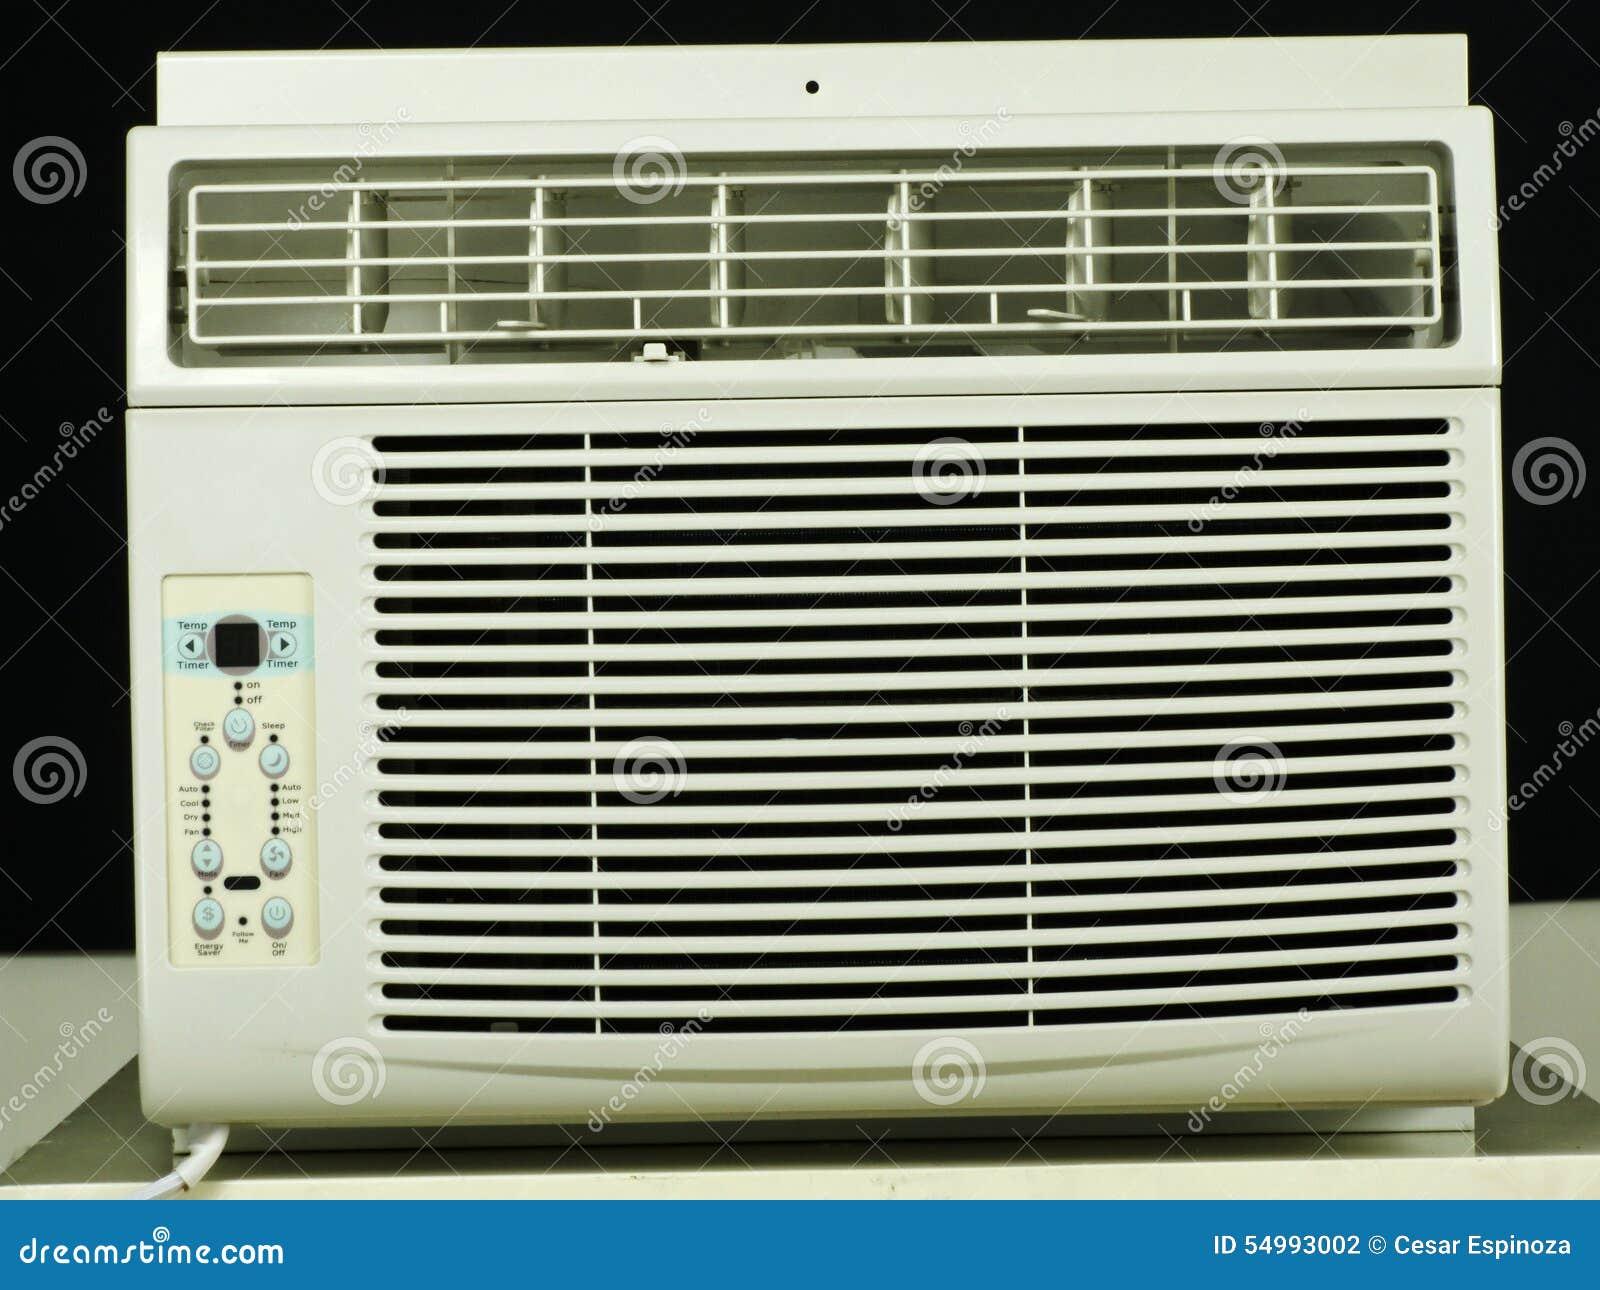 Ingen btrandWindows luftkonditioneringsapparat